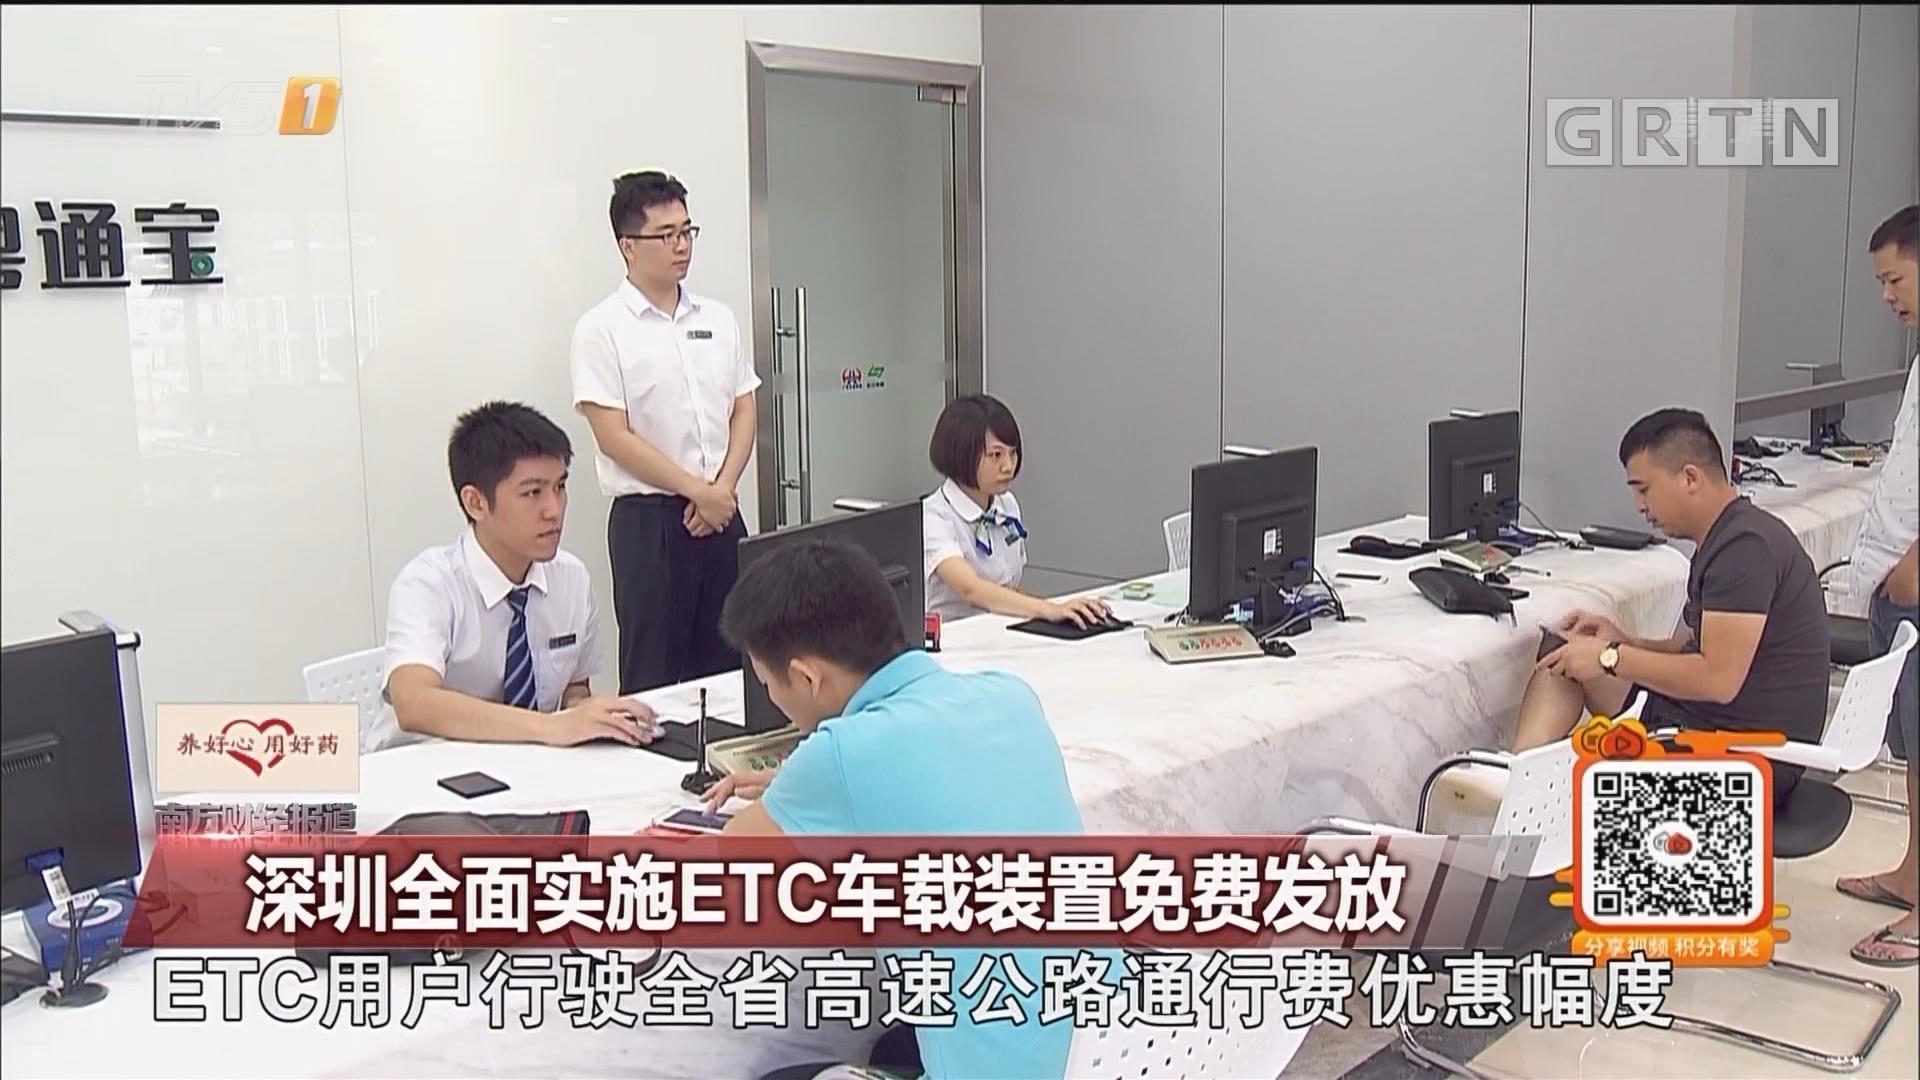 深圳全面实施ETC车载装置免费发放